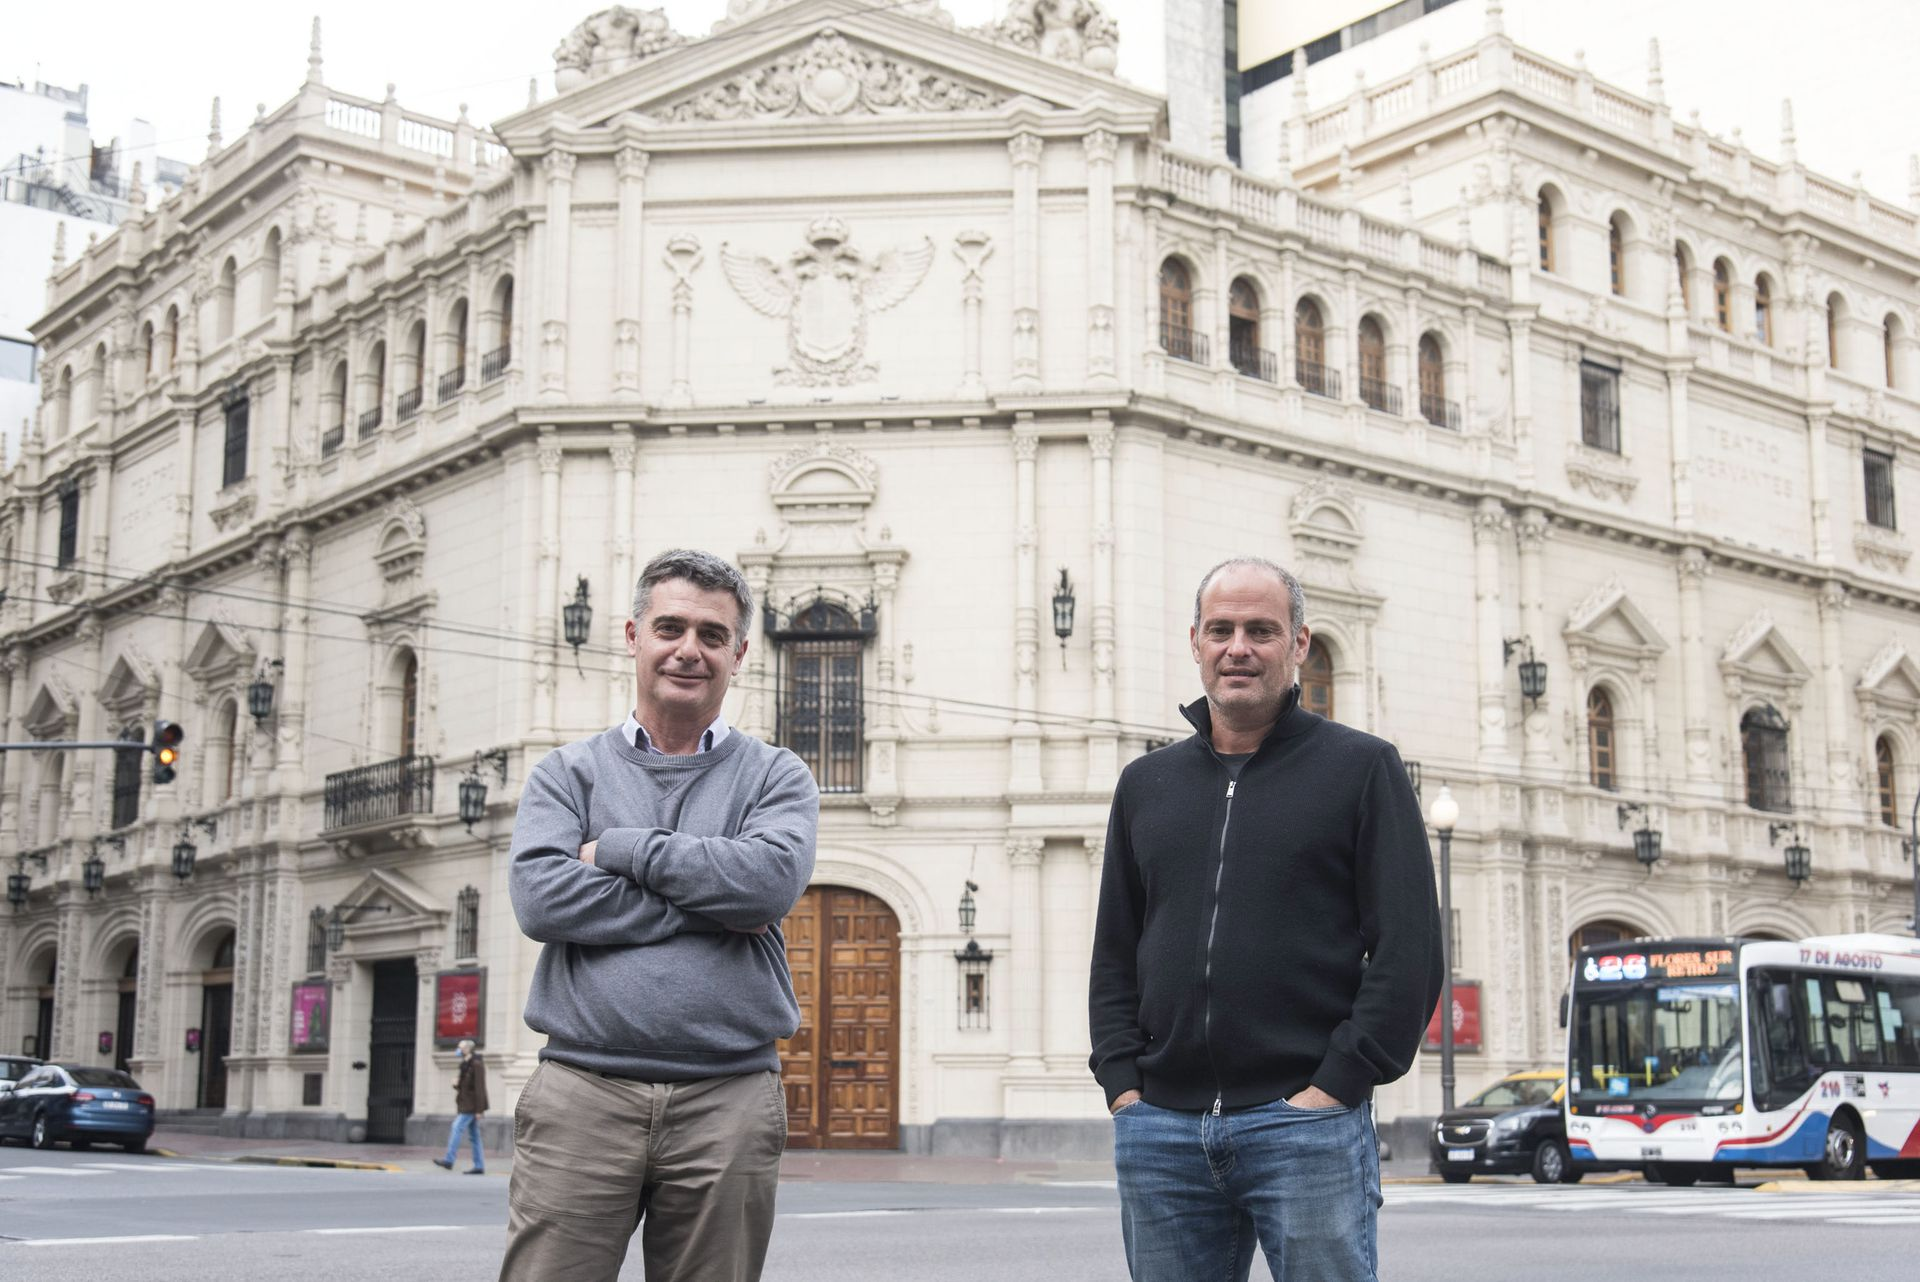 Rubén D'Audia, director general del Cervantes, y Sebastián Blutrach, encargado de la programación, en la puerta el edificio que fue declarado Monumento Histórico Nacional